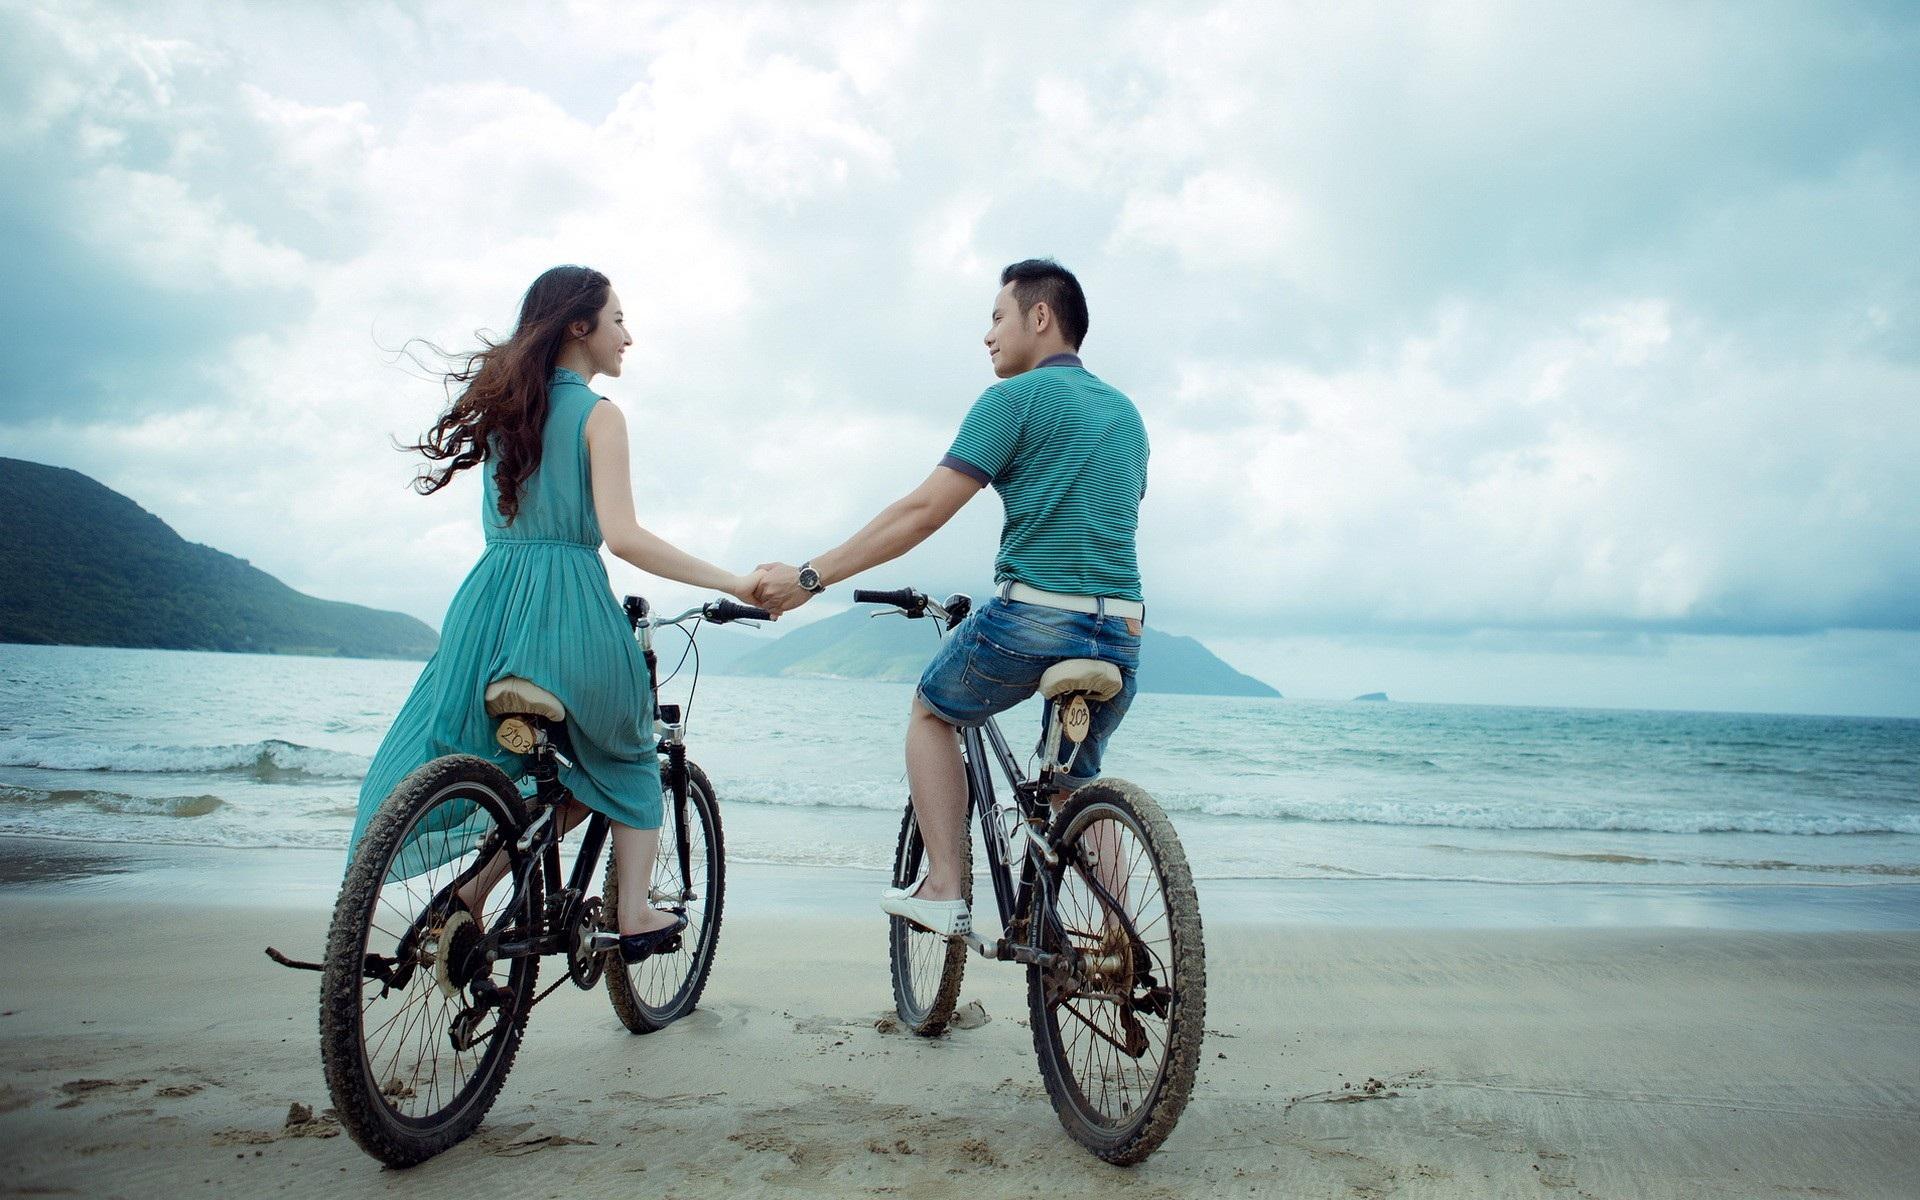 Comment_communiquer_avec_succès_dans_une_relation_amoureuse_?